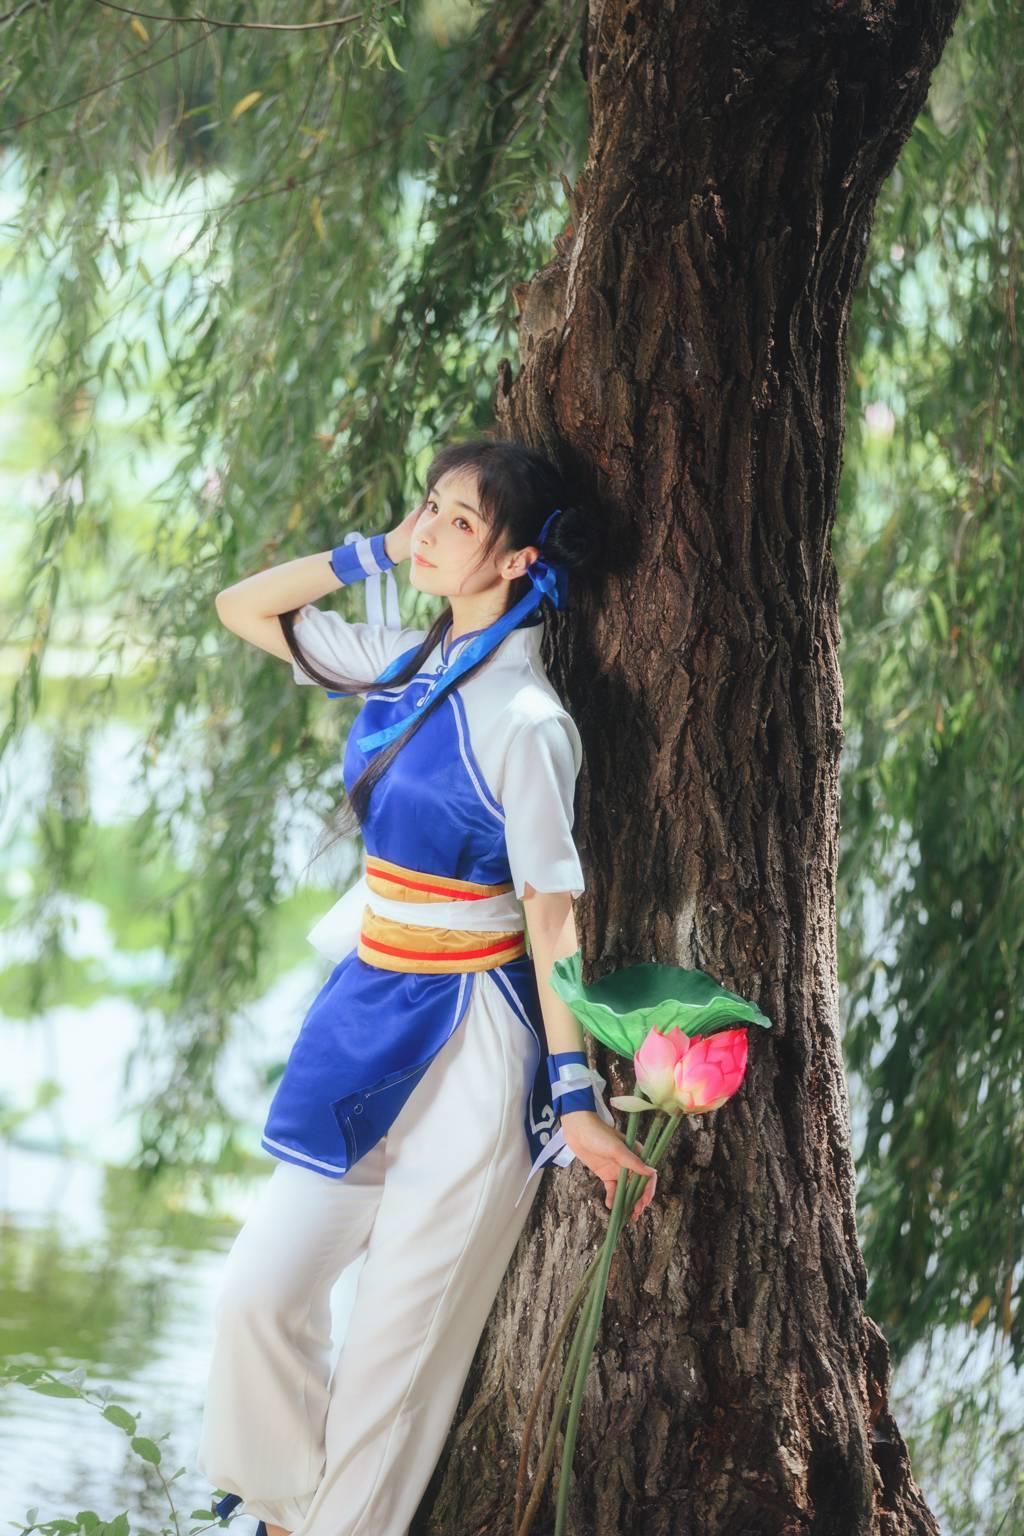 外景cosplay【CN:水晶雪梨汁_雪梨】-第12张